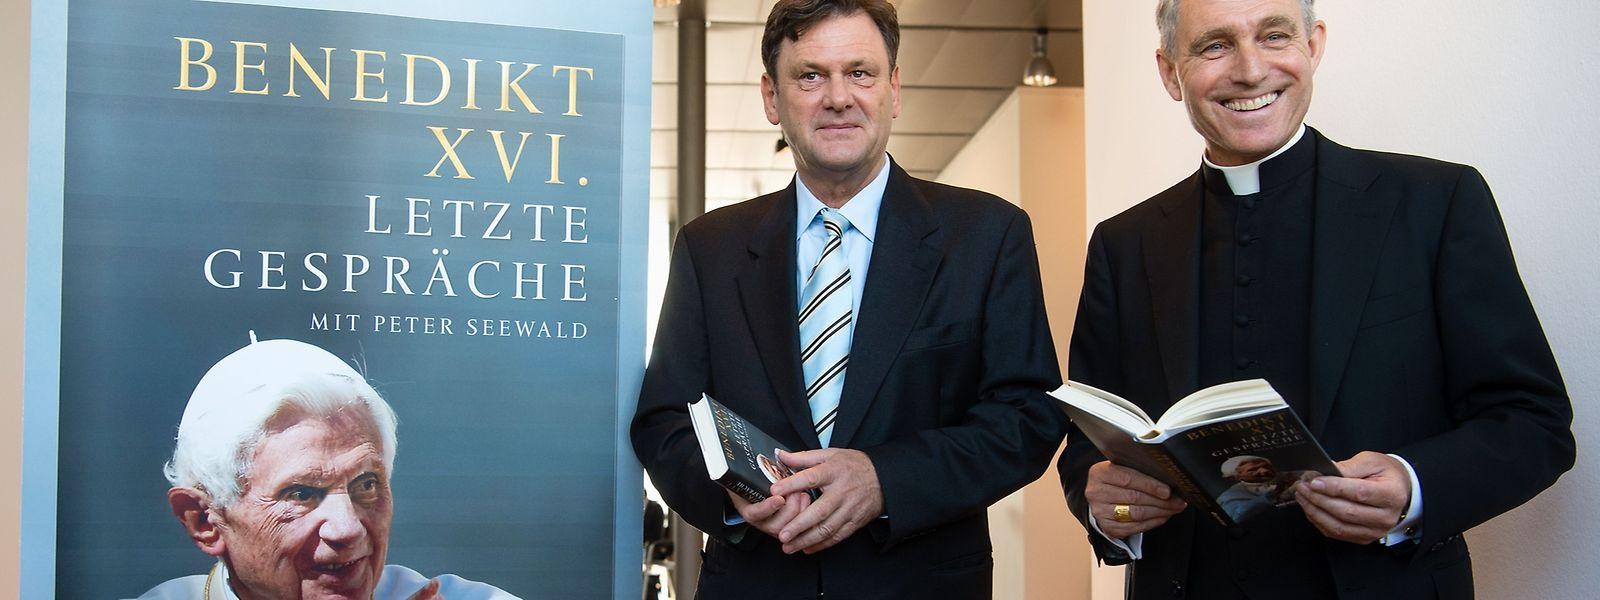 """Papstsekretär Erzbischof Georg Gänswein (r), und Koautor Peter Seewald bei der Pressekonferenz in München zur Vorstellung des Buches """"Letzte Gespräche""""."""